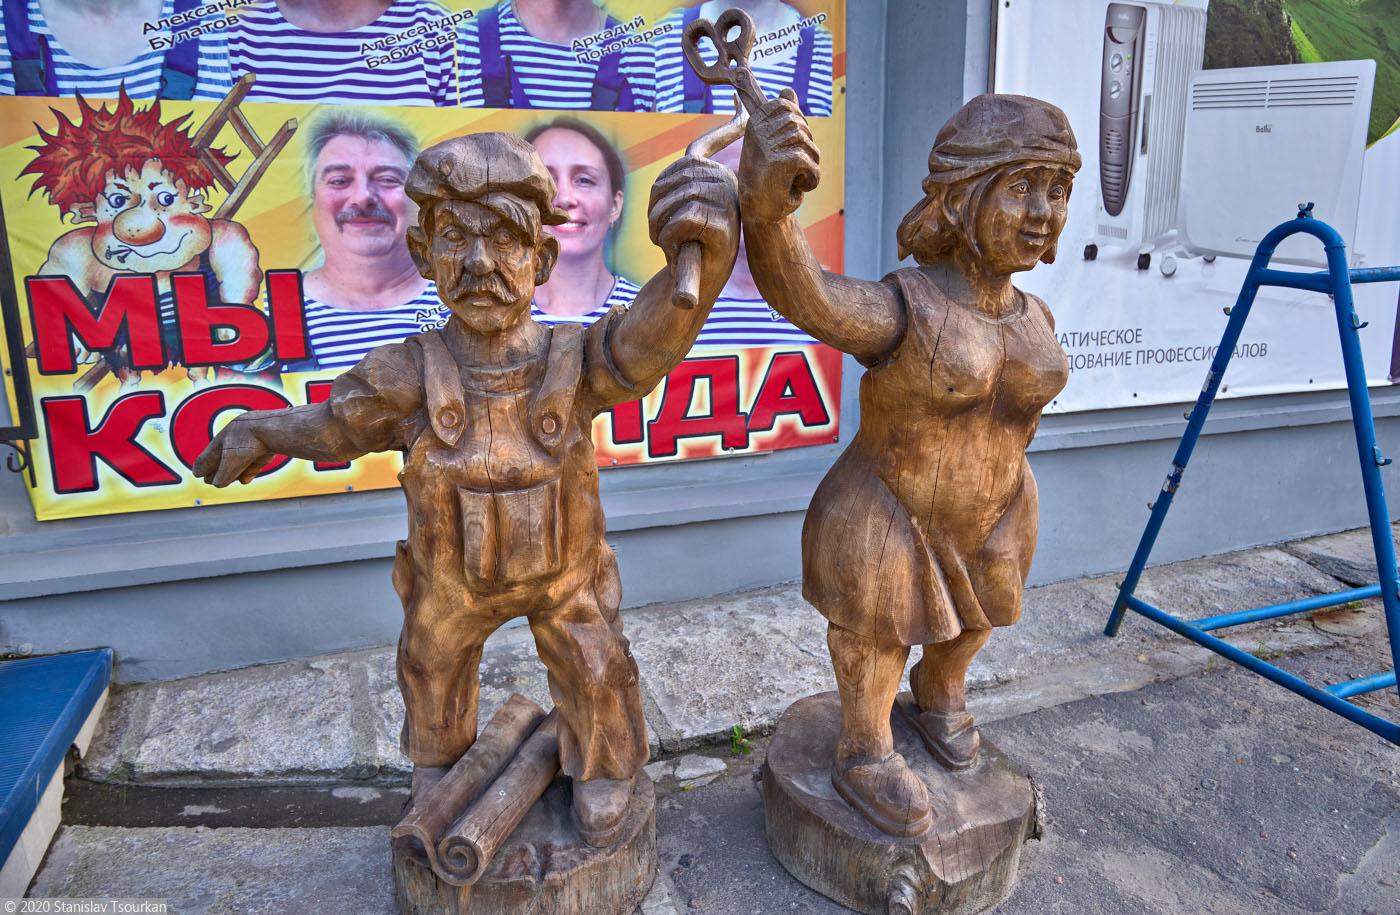 Лахденпохья, Карелия, республика Карелия, рабочий и колхозница, памятник